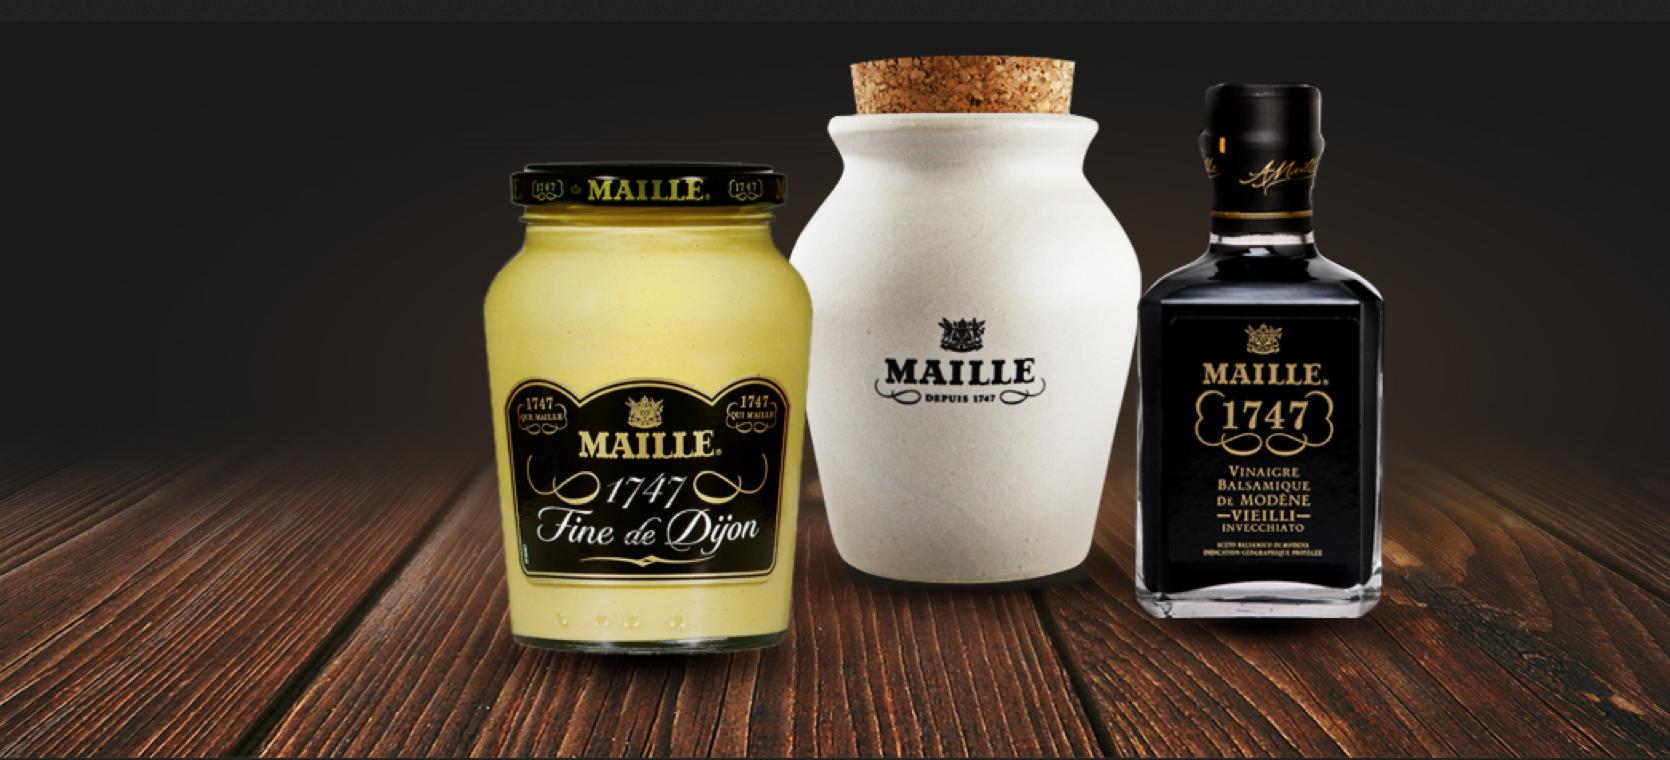 La Maison Maille met en lumière 10 restaurants  dans différentes villes françaises